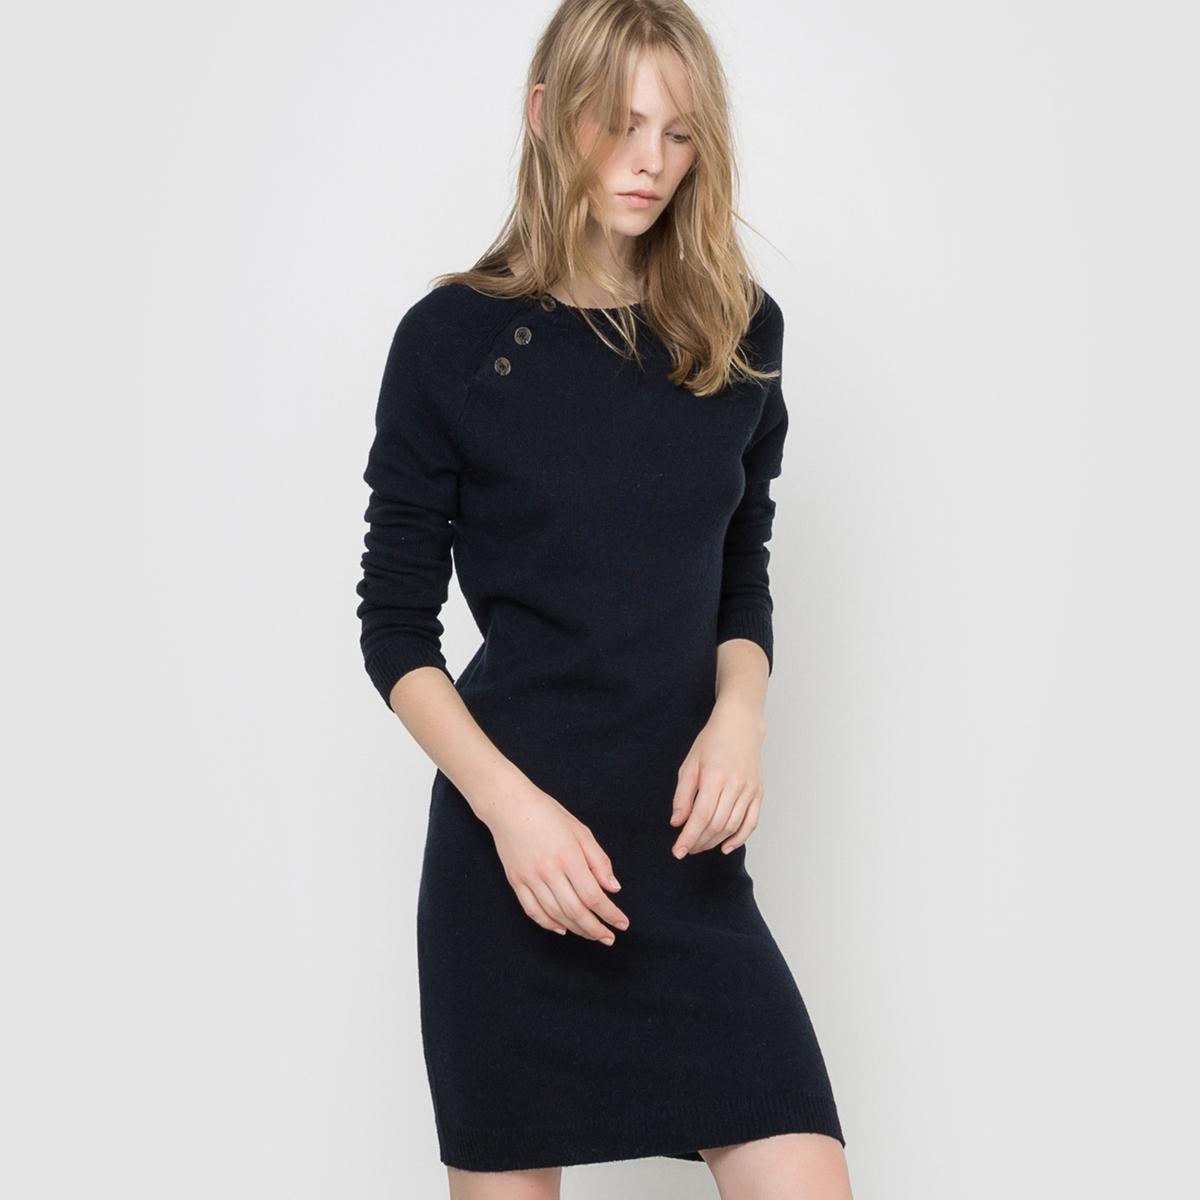 Платье-пуловер однотонное 50% шерстиУходРучная стиркаМашинная сушка запрещенаГладить с изнаночной стороны при умеренной температуре<br><br>Цвет: красный/ кирпичный,серый меланж,синий морской<br>Размер: 50/52 (FR) - 56/58 (RUS).34/36 (FR) - 40/42 (RUS).38/40 (FR) - 44/46 (RUS).46/48 (FR) - 52/54 (RUS).50/52 (FR) - 56/58 (RUS).38/40 (FR) - 44/46 (RUS).46/48 (FR) - 52/54 (RUS)